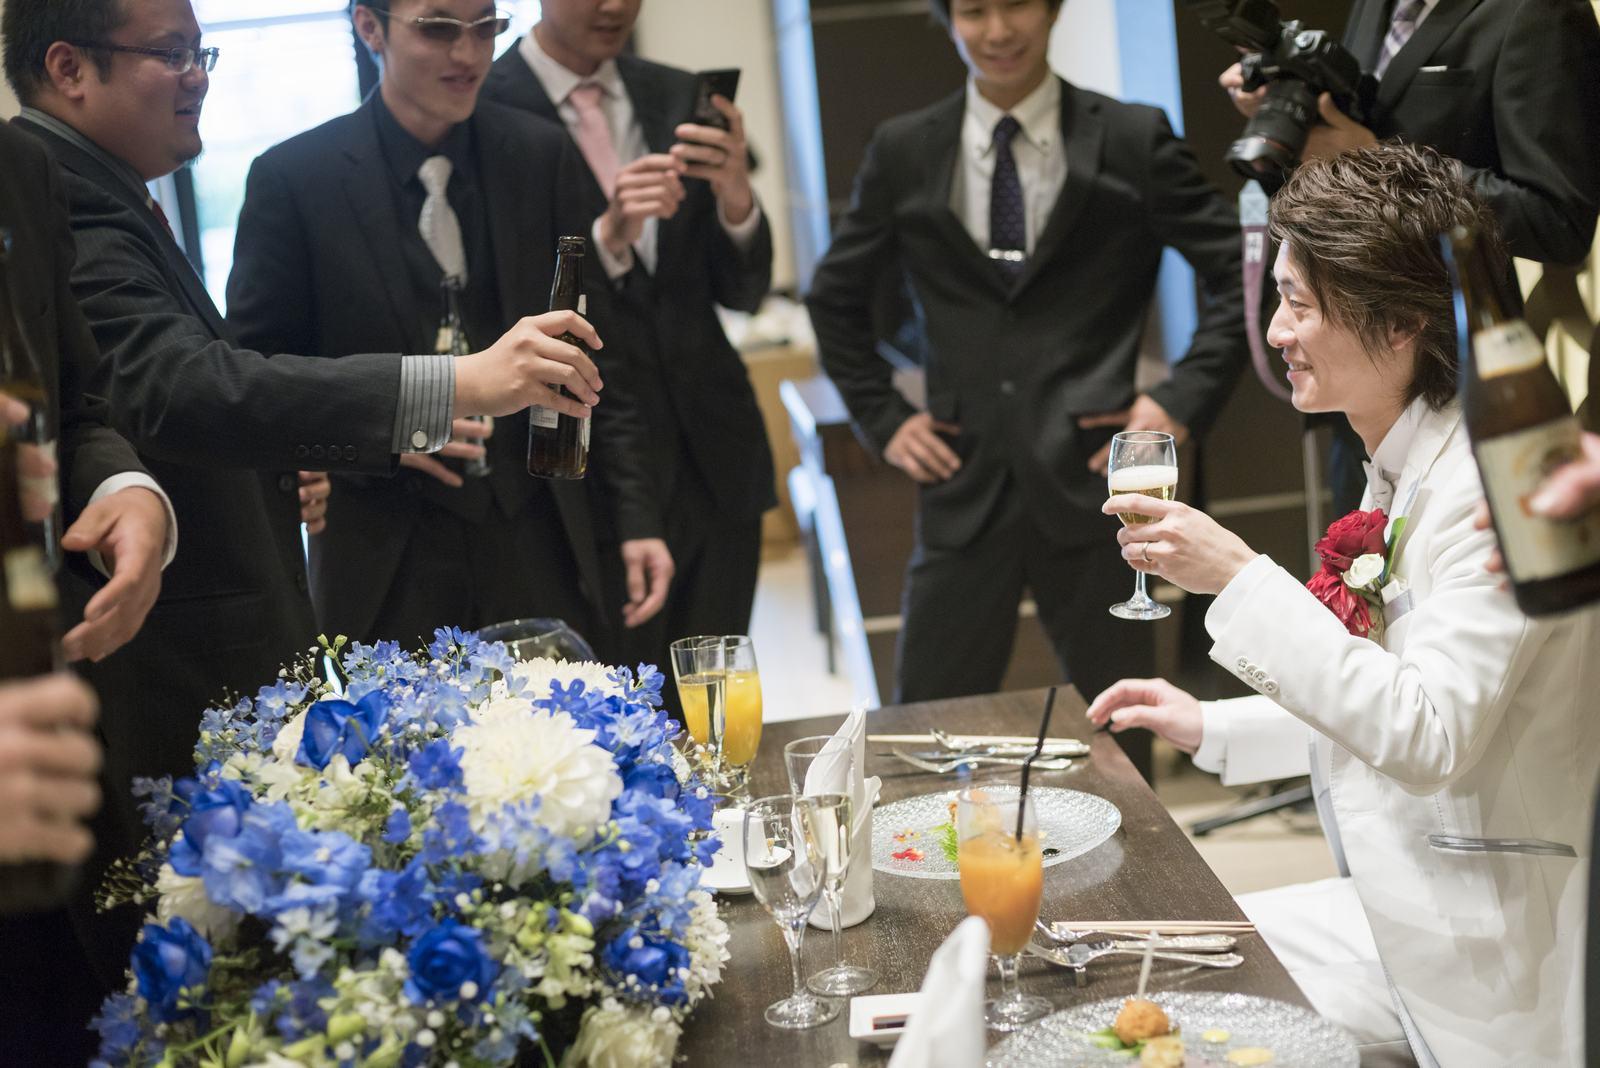 高松市の結婚式場アイルバレクラブのメインテーブルで乾杯